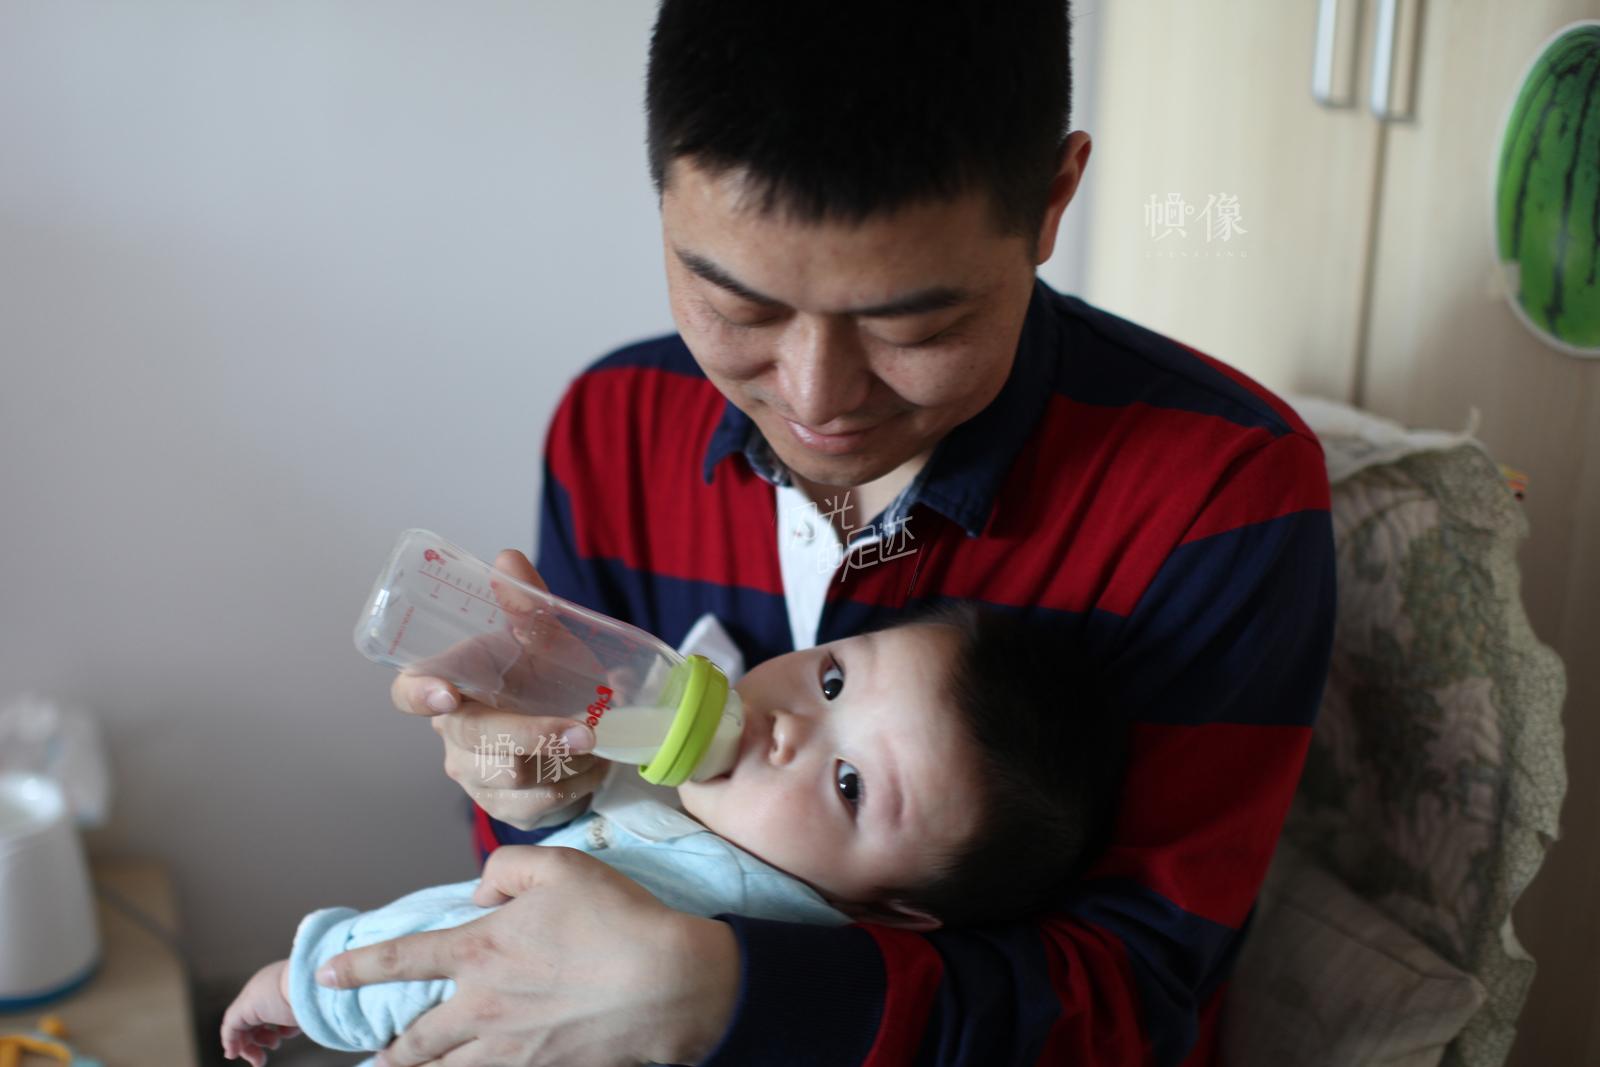 下午休息时间,爸爸宋栋给老二喂奶。 中国网记者 赵超 摄